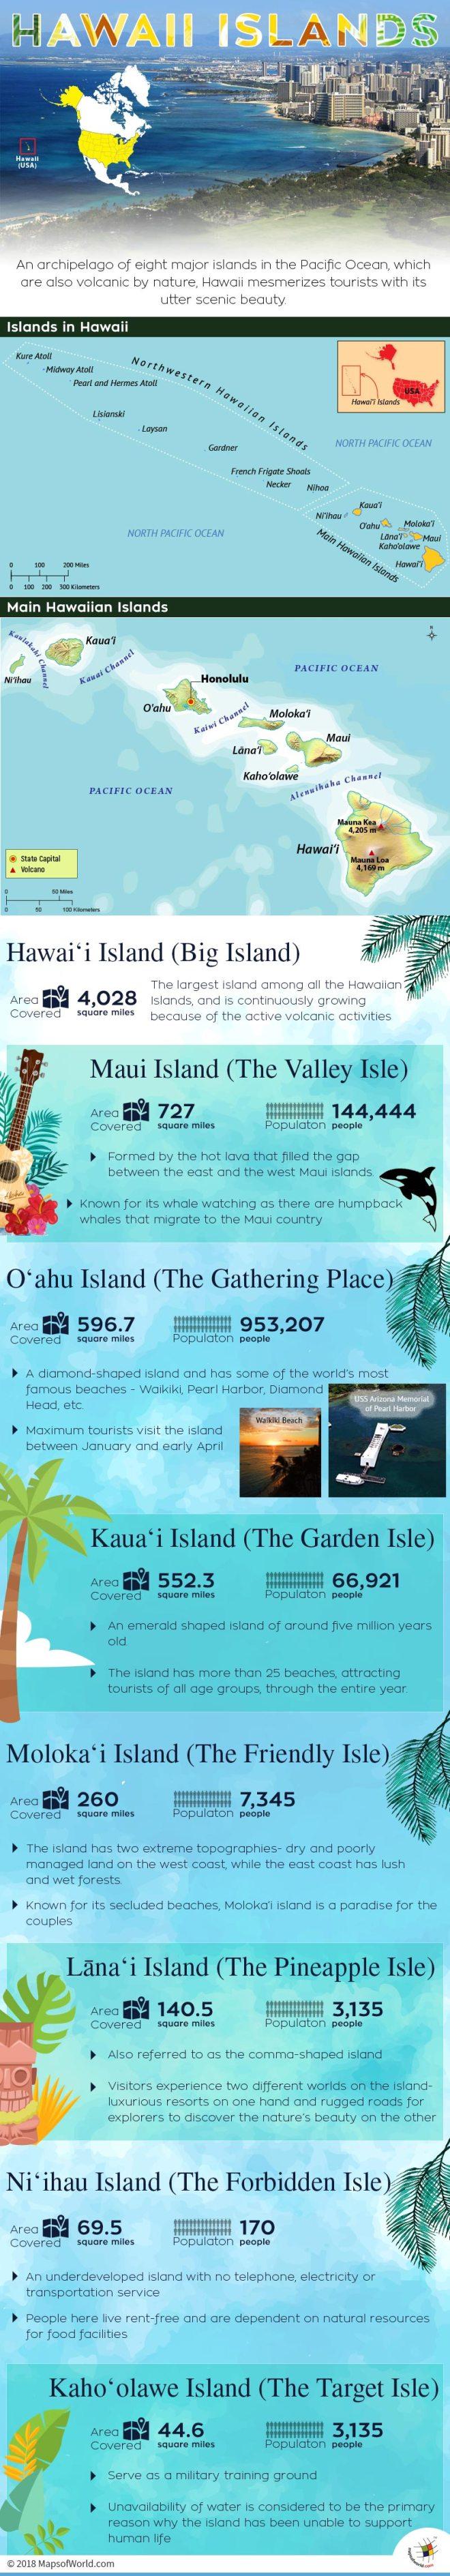 Infographic describing Hawaii Islands